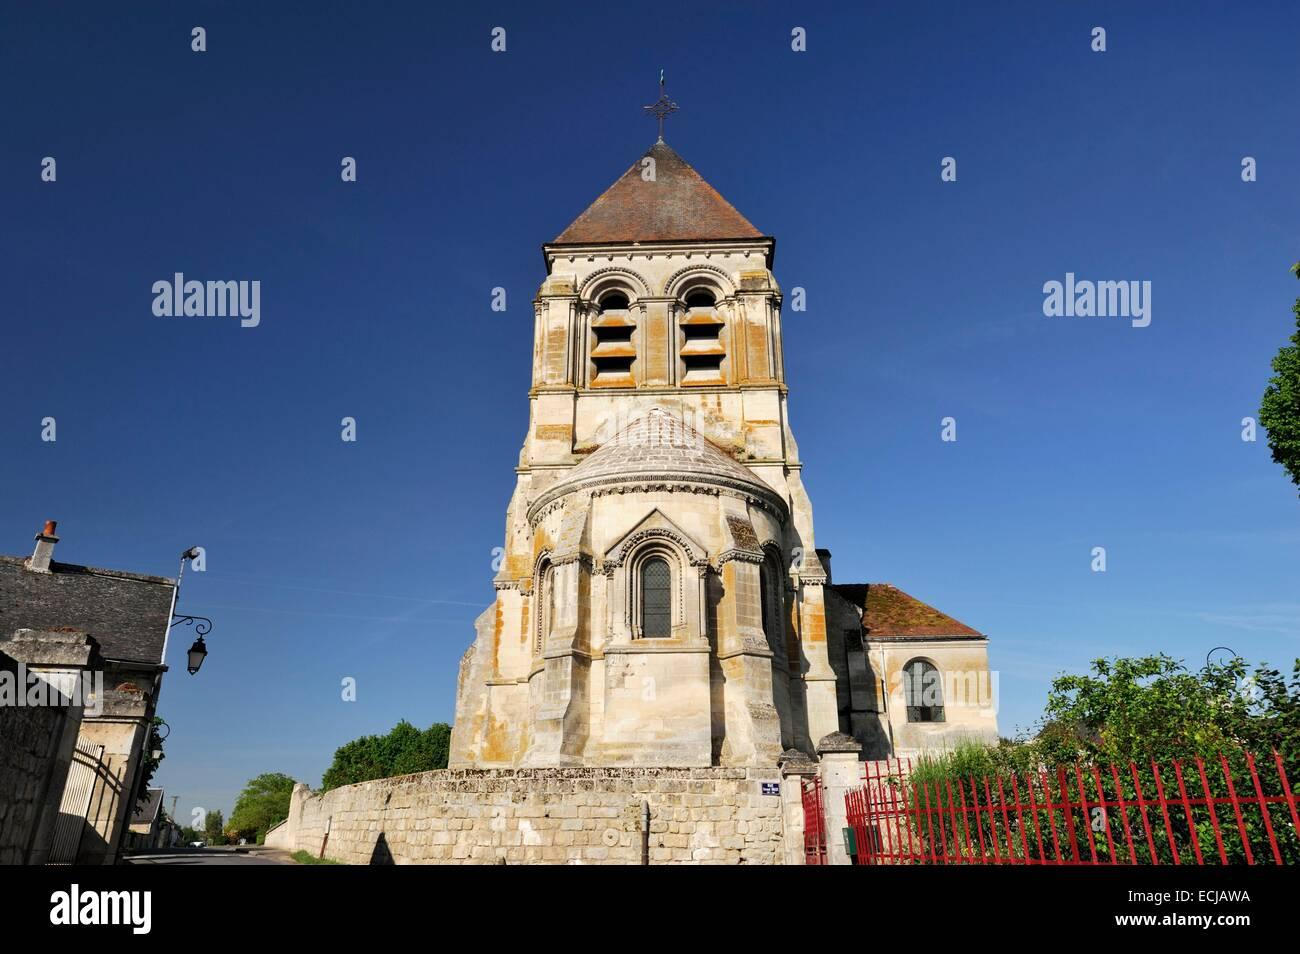 La France, l'Aisne, Berzy le sec, Saint Quentin Eglise datant du 12e siècle Photo Stock